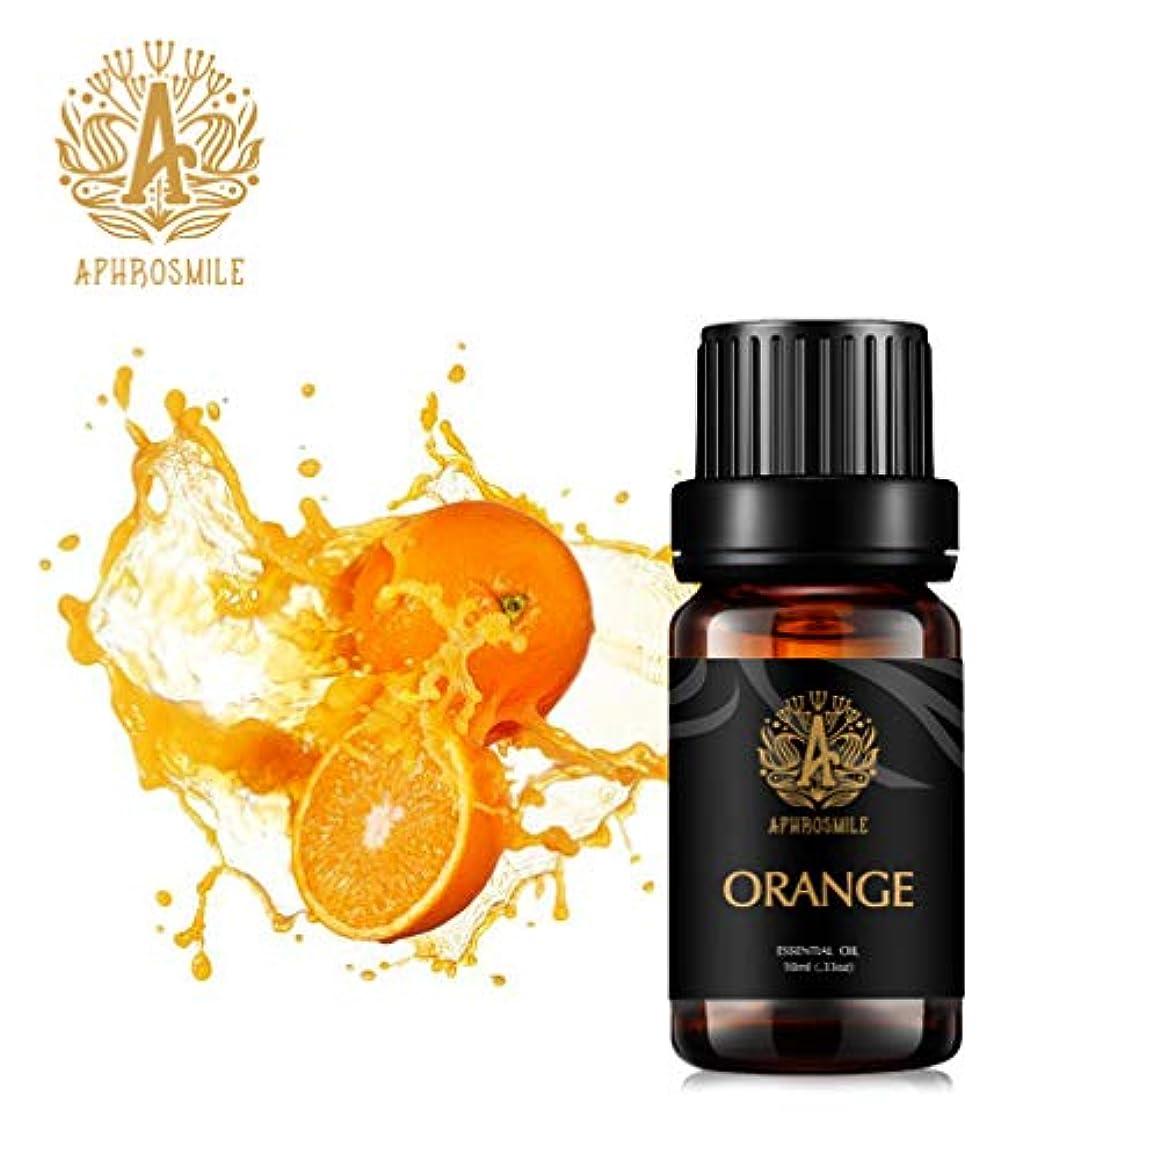 オレンジエッセンシャルオイル、100%ピュアアロマエッセンシャルオイルオレンジ香り、怒りを和らげる、治療用グレードエッセンシャルオイルオレンジの香り、為にディフューザー、マッサージ、加湿器、デイリーケア、0.33オンス-...